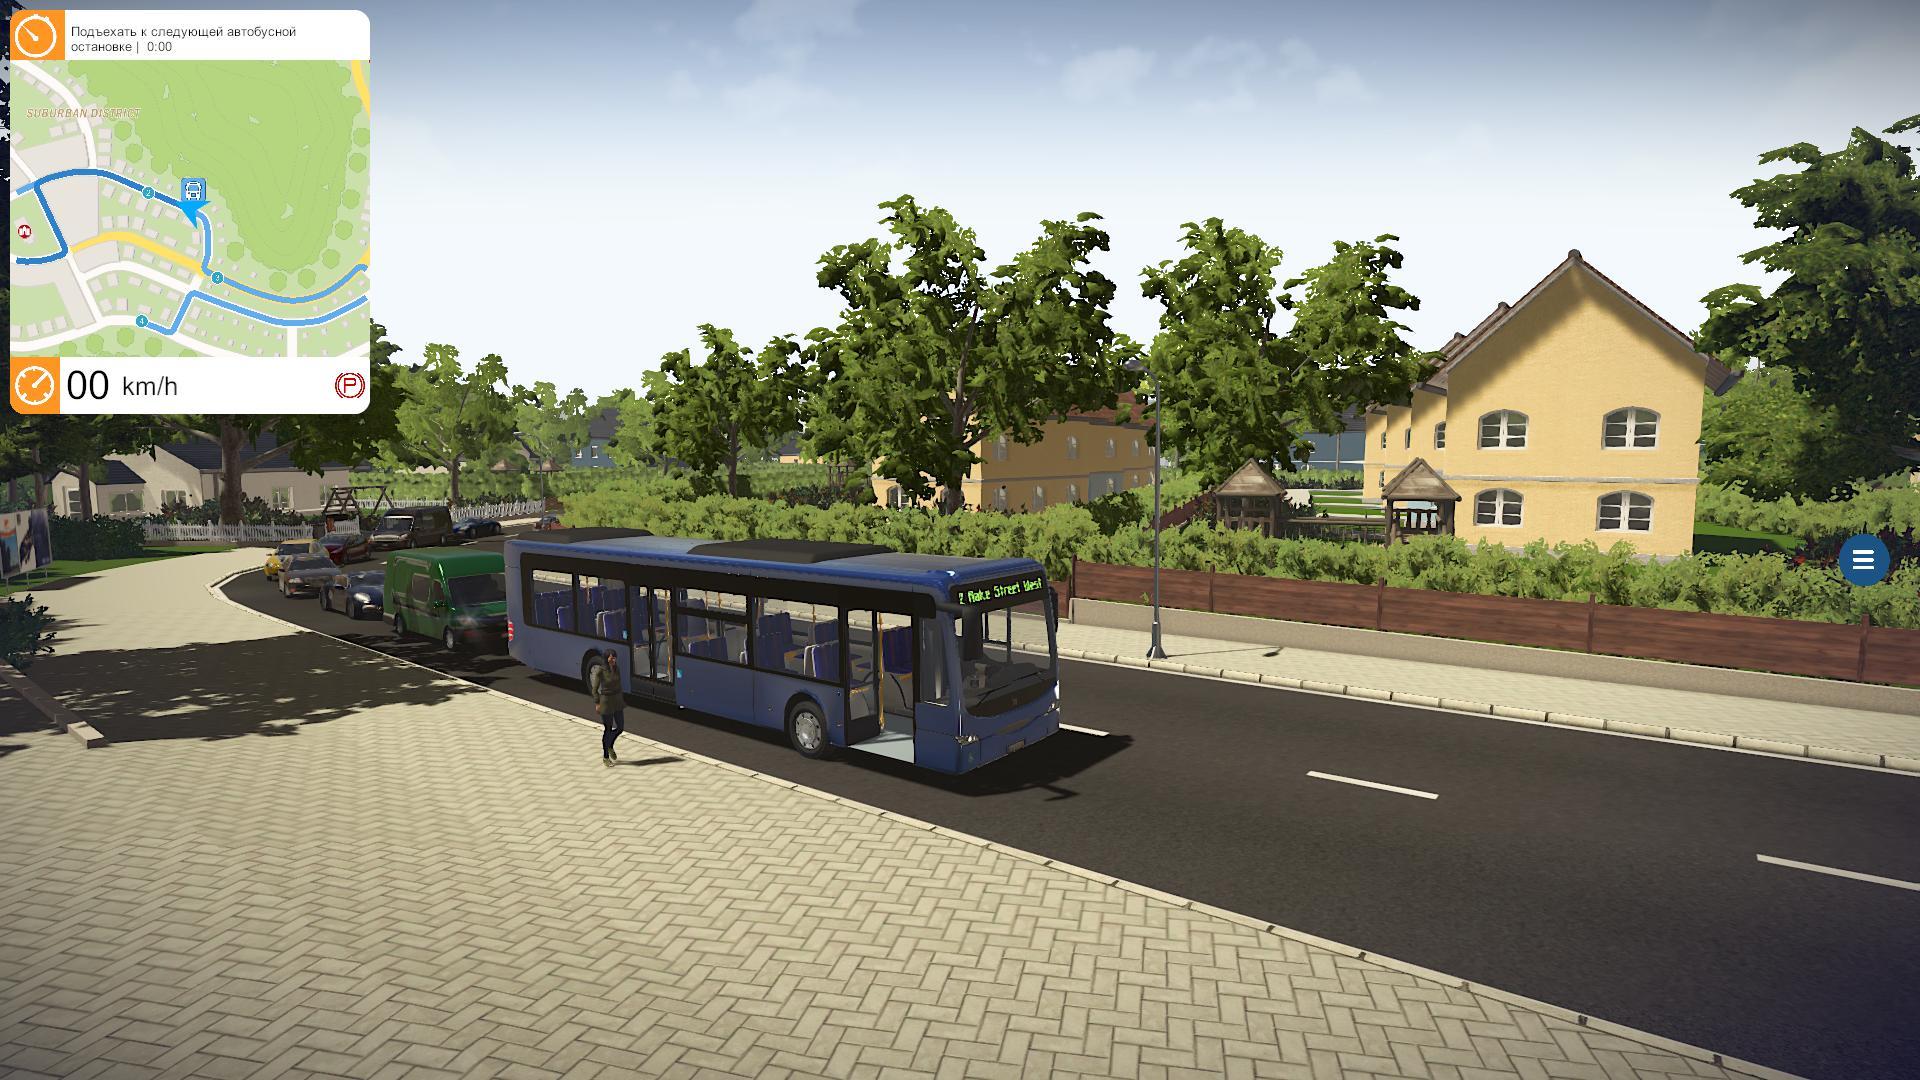 Скачать симулятор автобуса бесплатно без торрента